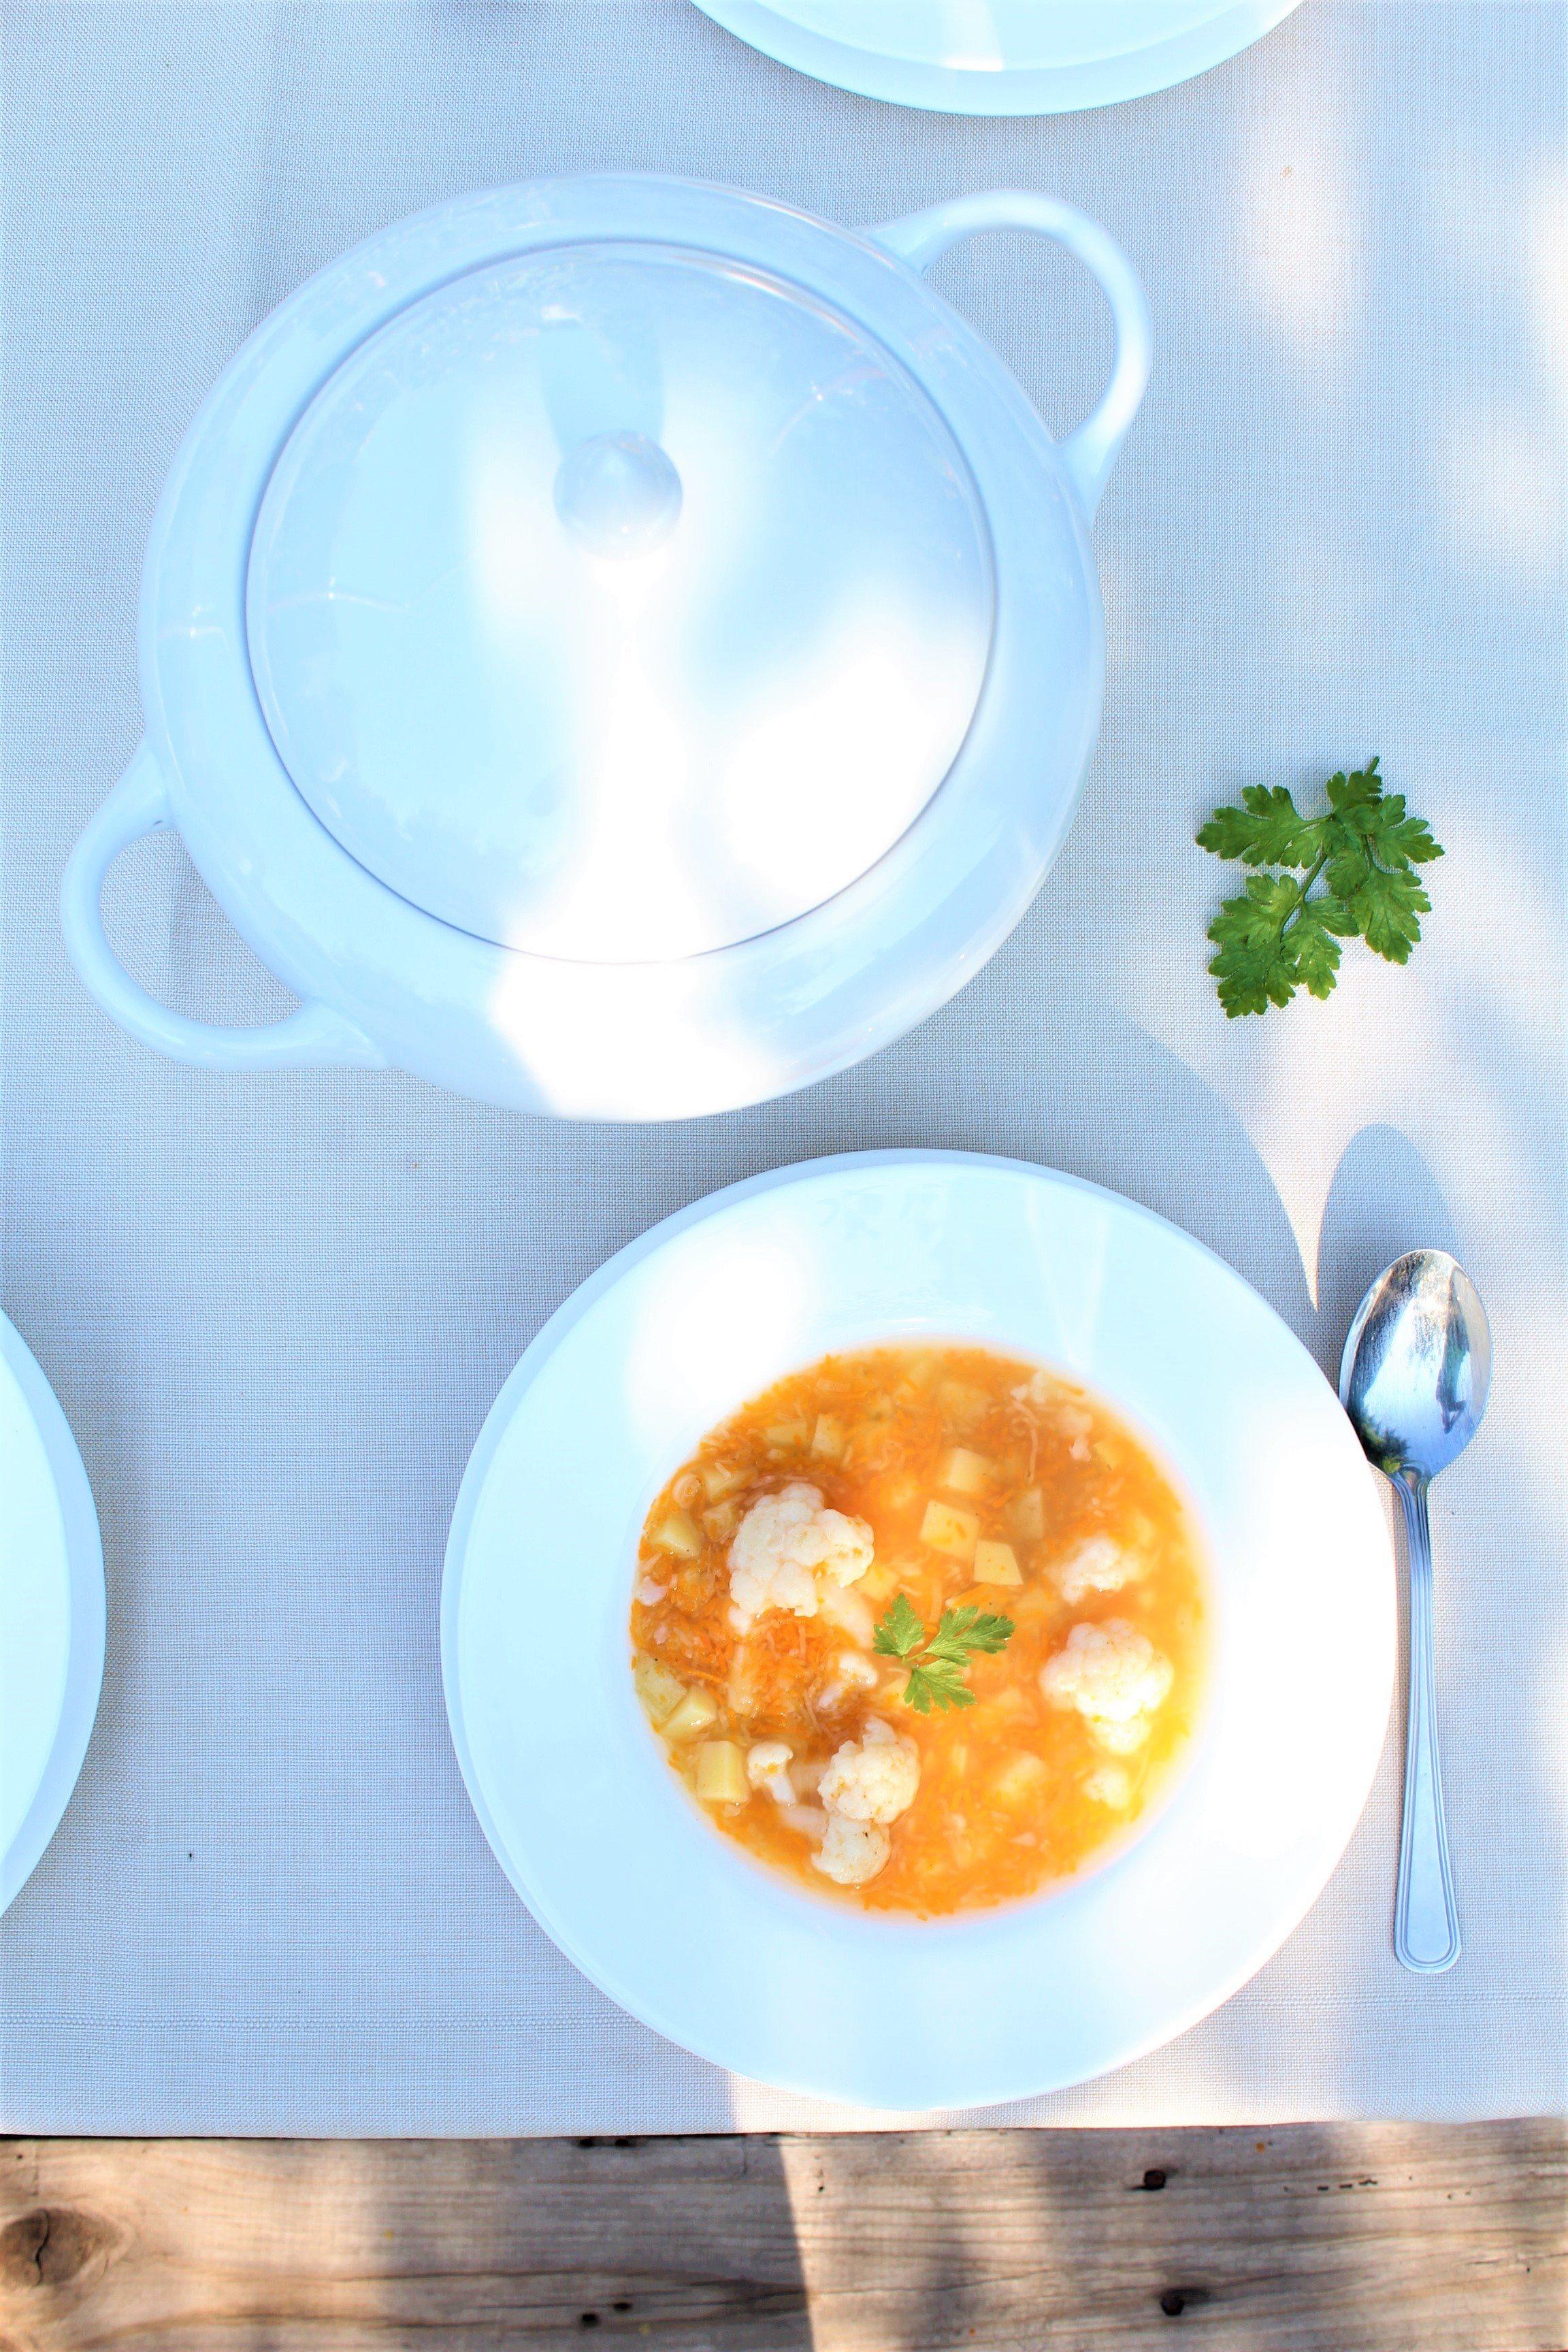 Pyszna zupa kalafiorowa przepis bez mięsa